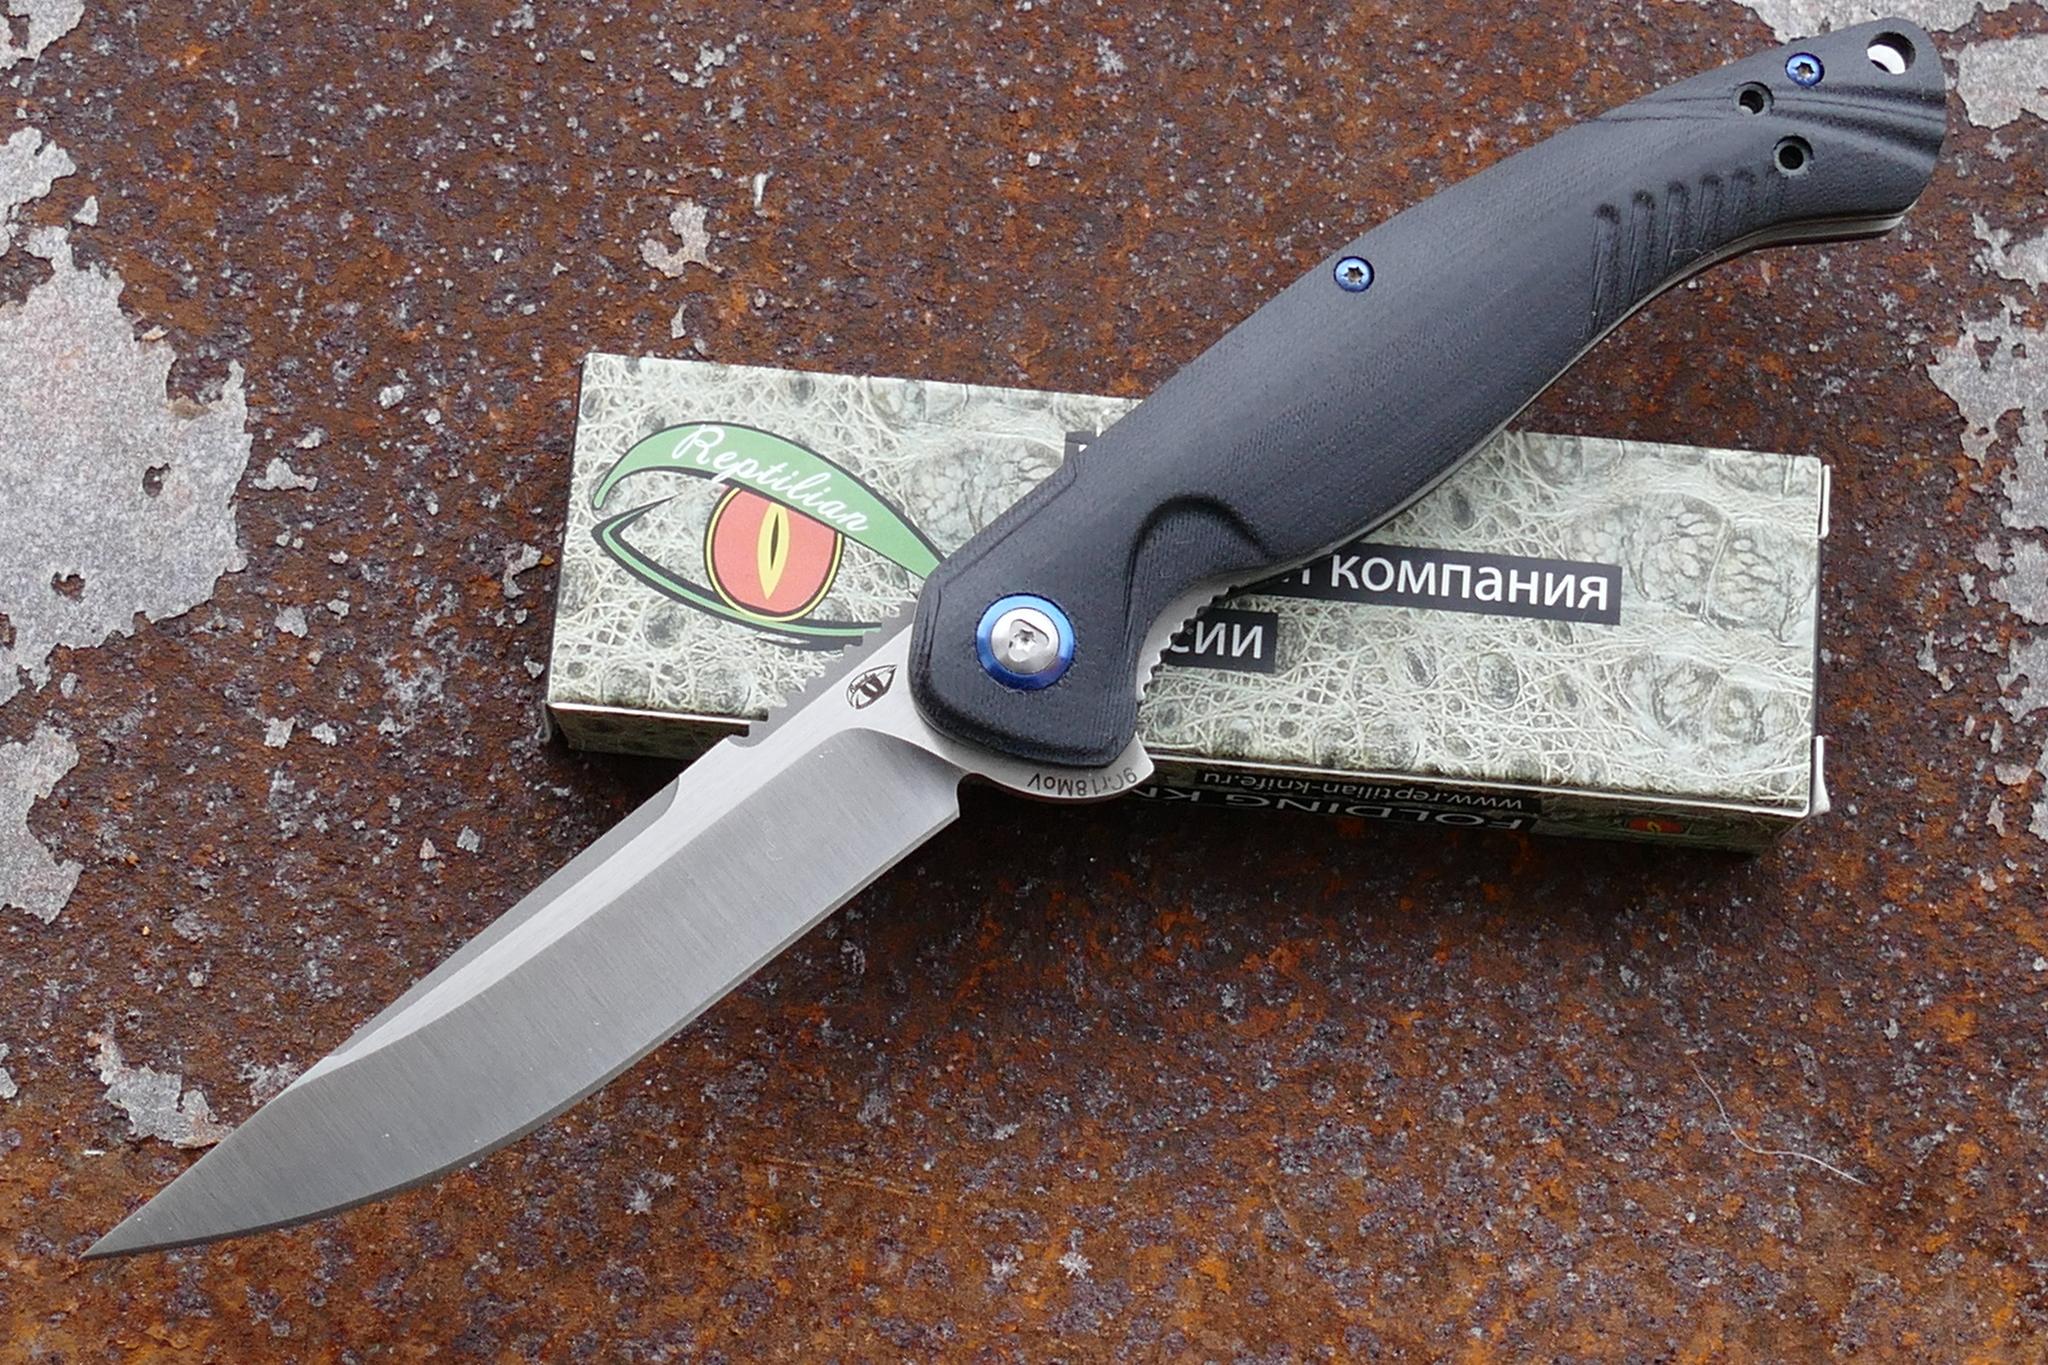 Нож  Франт ReptilianРаскладные ножи<br>марка стали: 9Cr18MoVтвёрдость: HRC57-58длина общая: 230ммдлина клинка: 99ммширина клинка наибольшая: 20ммтолщина обуха: 3.5ммвес: 118.9гртип замка: liner lockМеханизм открытия: IKBS (шарикоподшипниковая система)каждый нож имеет свой номер<br>